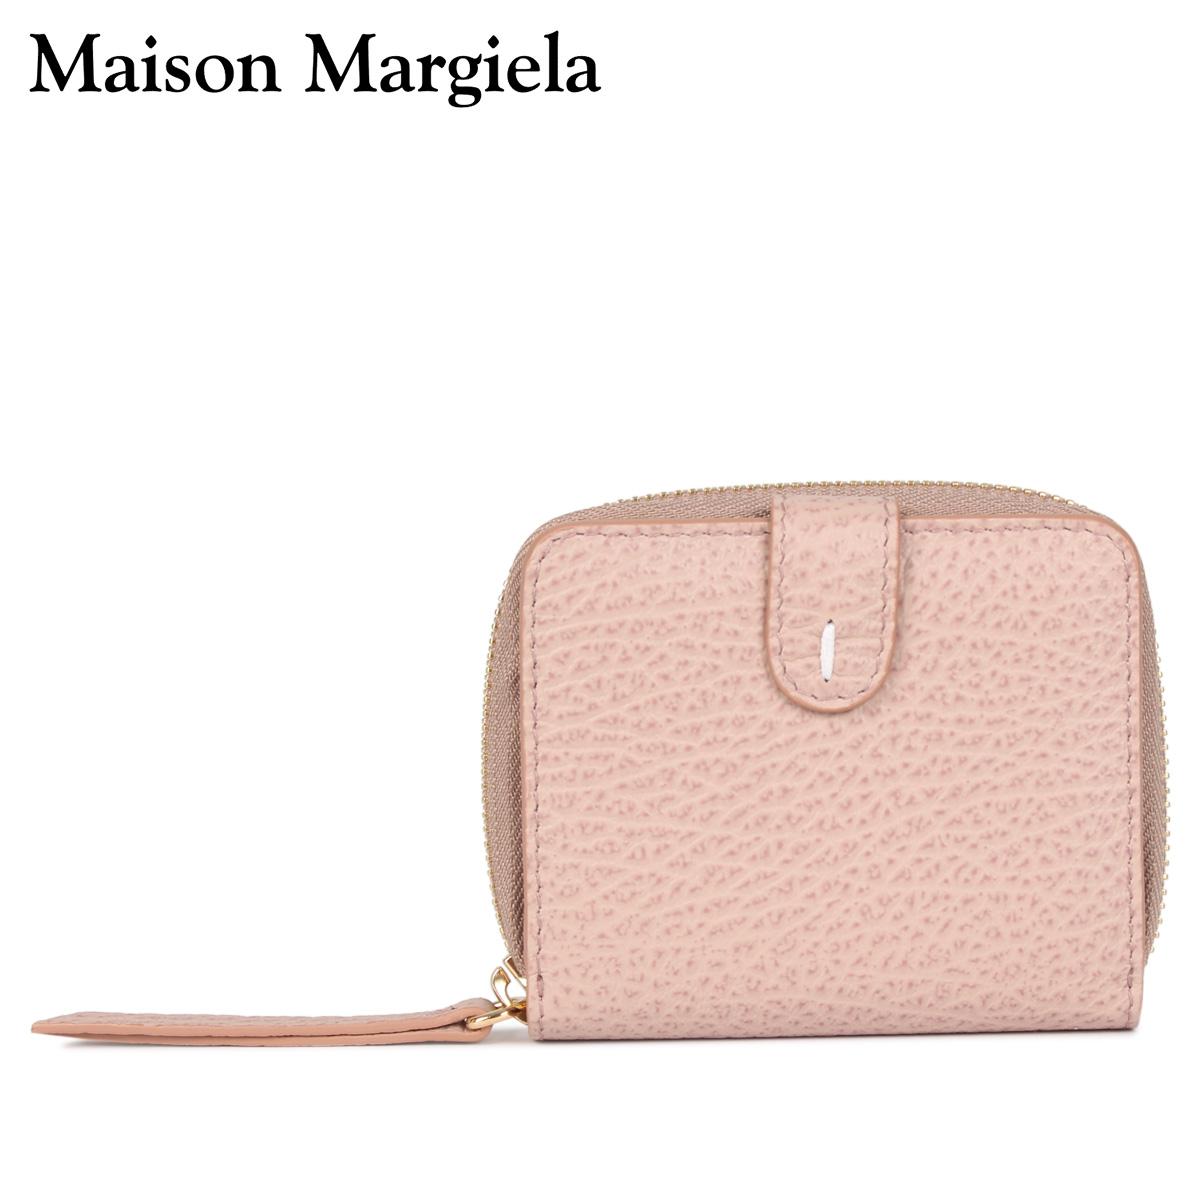 MAISON MARGIELA メゾンマルジェラ 財布 二つ折り ミニ財布 レディース ラウンドファスナー WALLET ピンク S56UI0112 [4/13 新入荷]